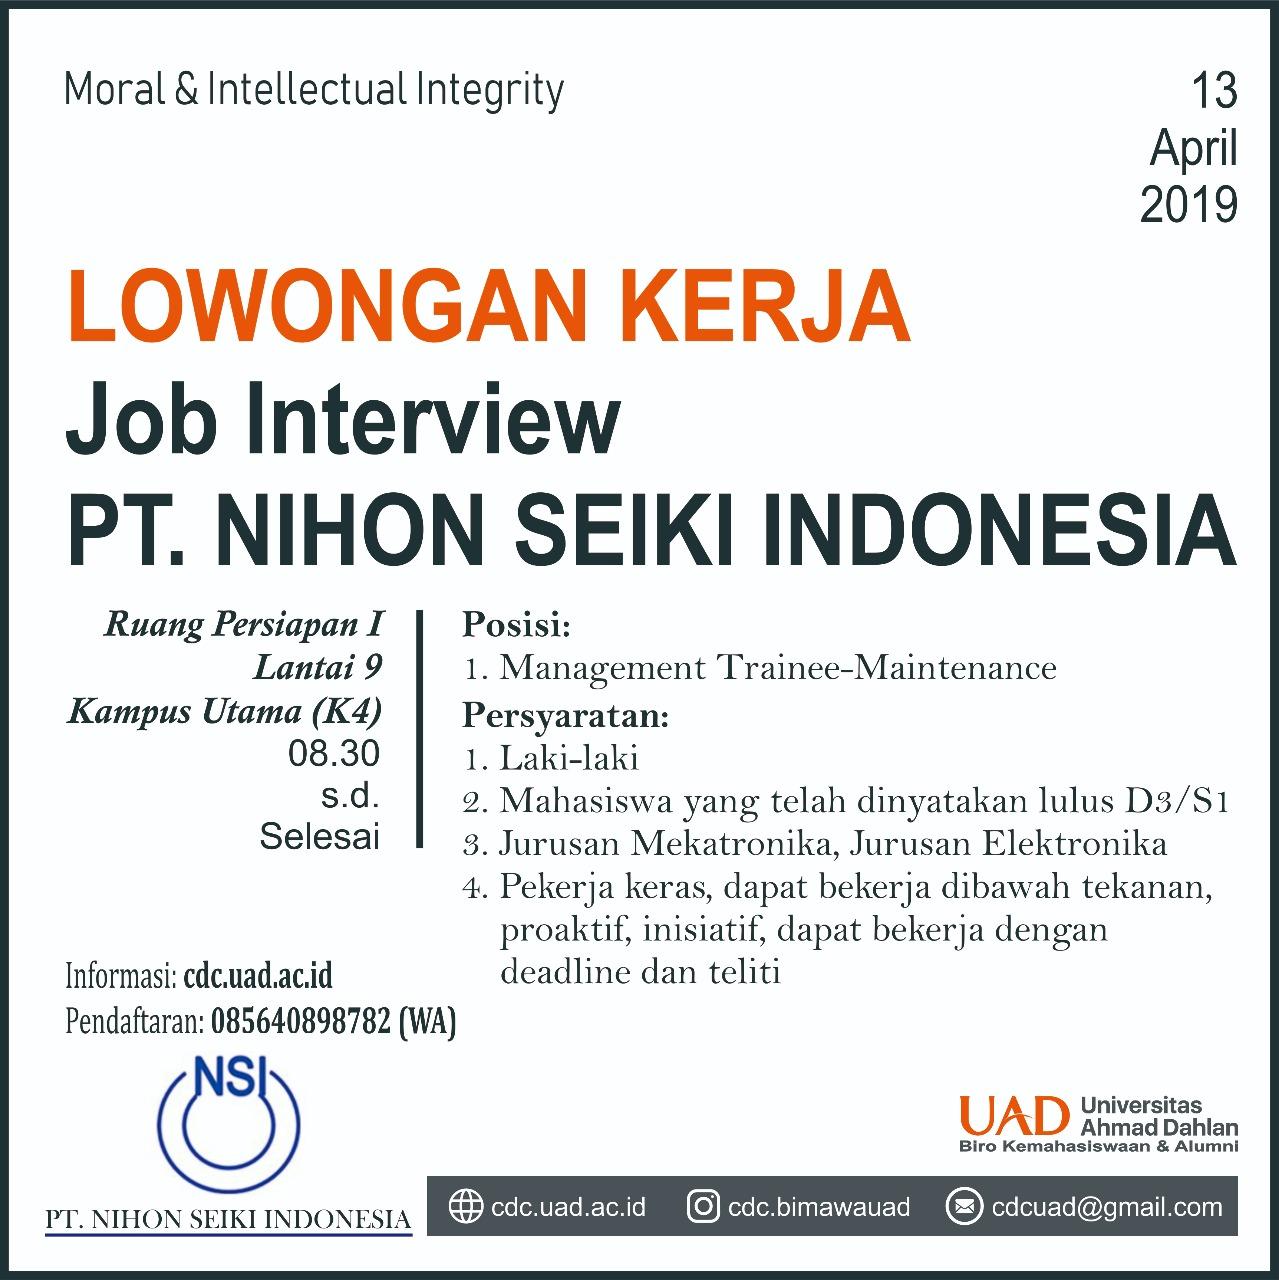 Job Interview Lowongan Kerja Pt Nihon Seiki Indonesia Teknik